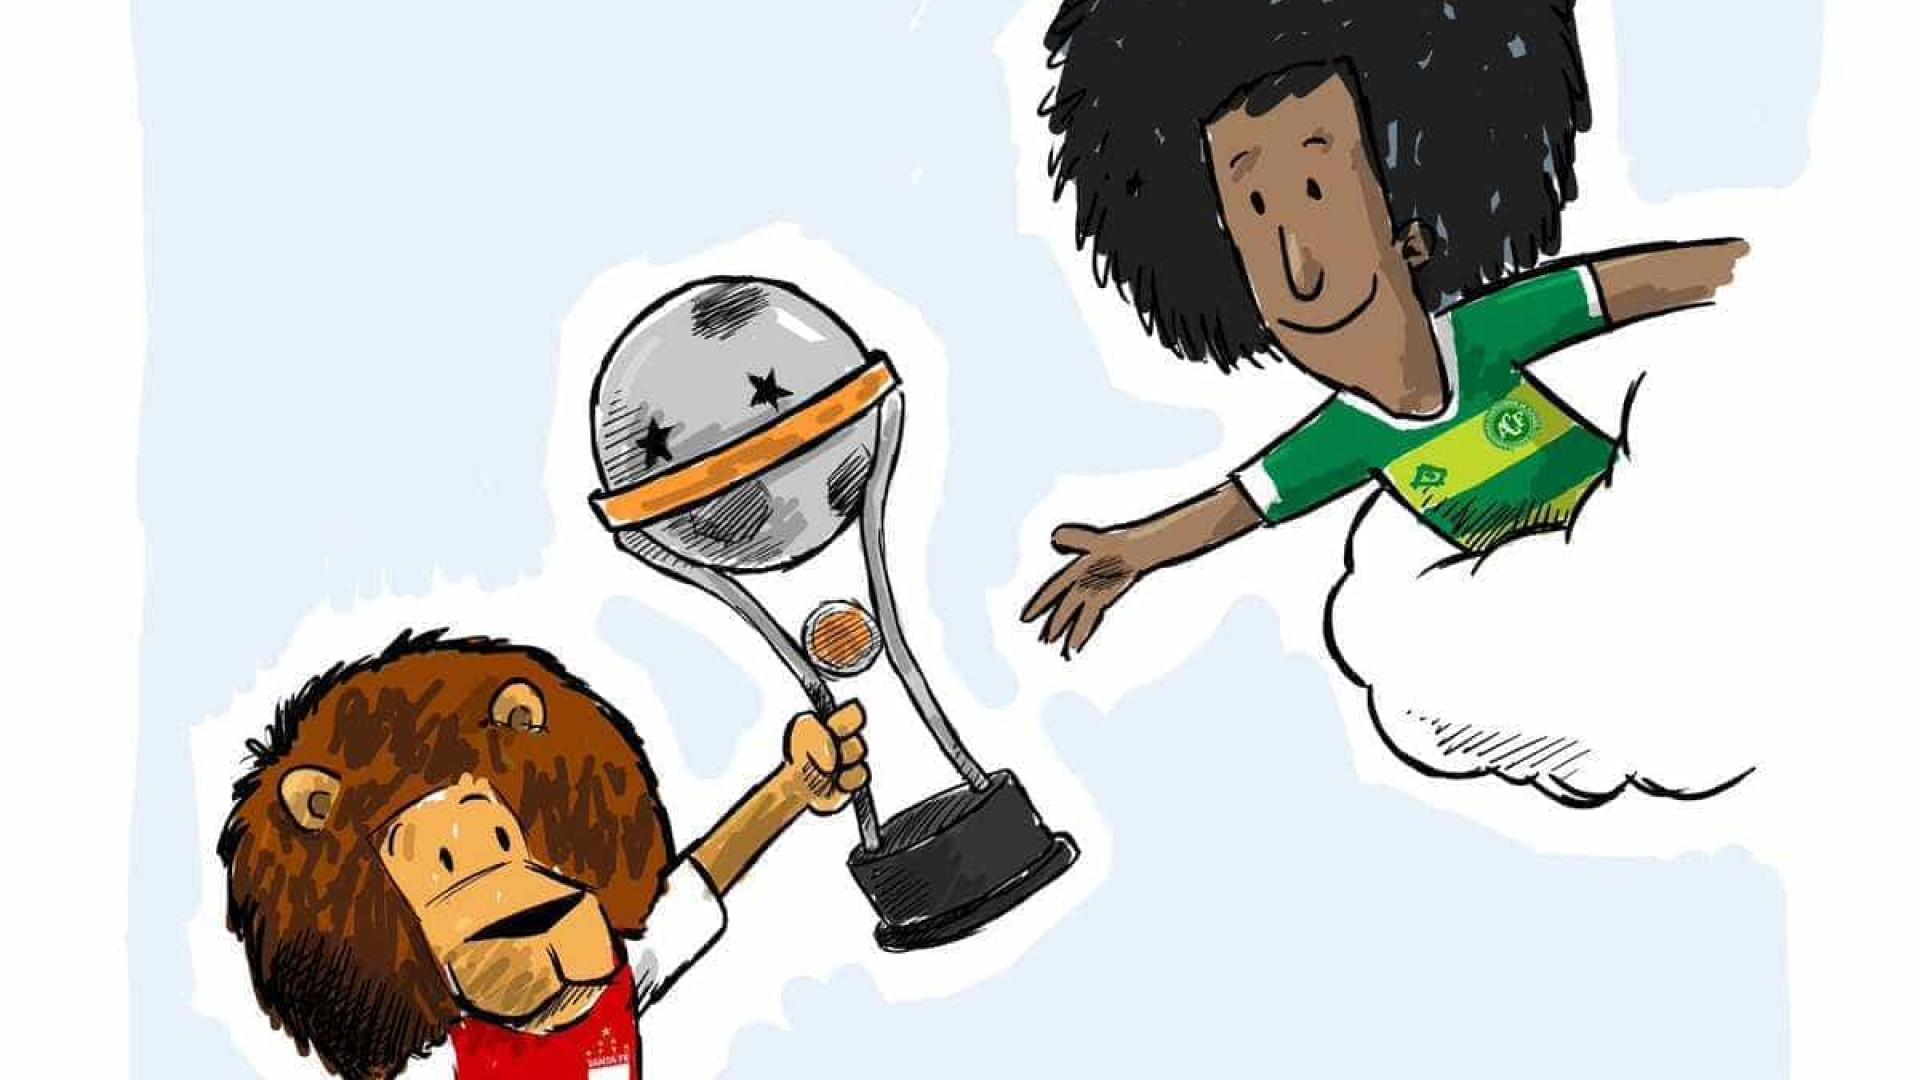 Campeão da Sul-Americana 2015 'entrega' taça à Chapecoense